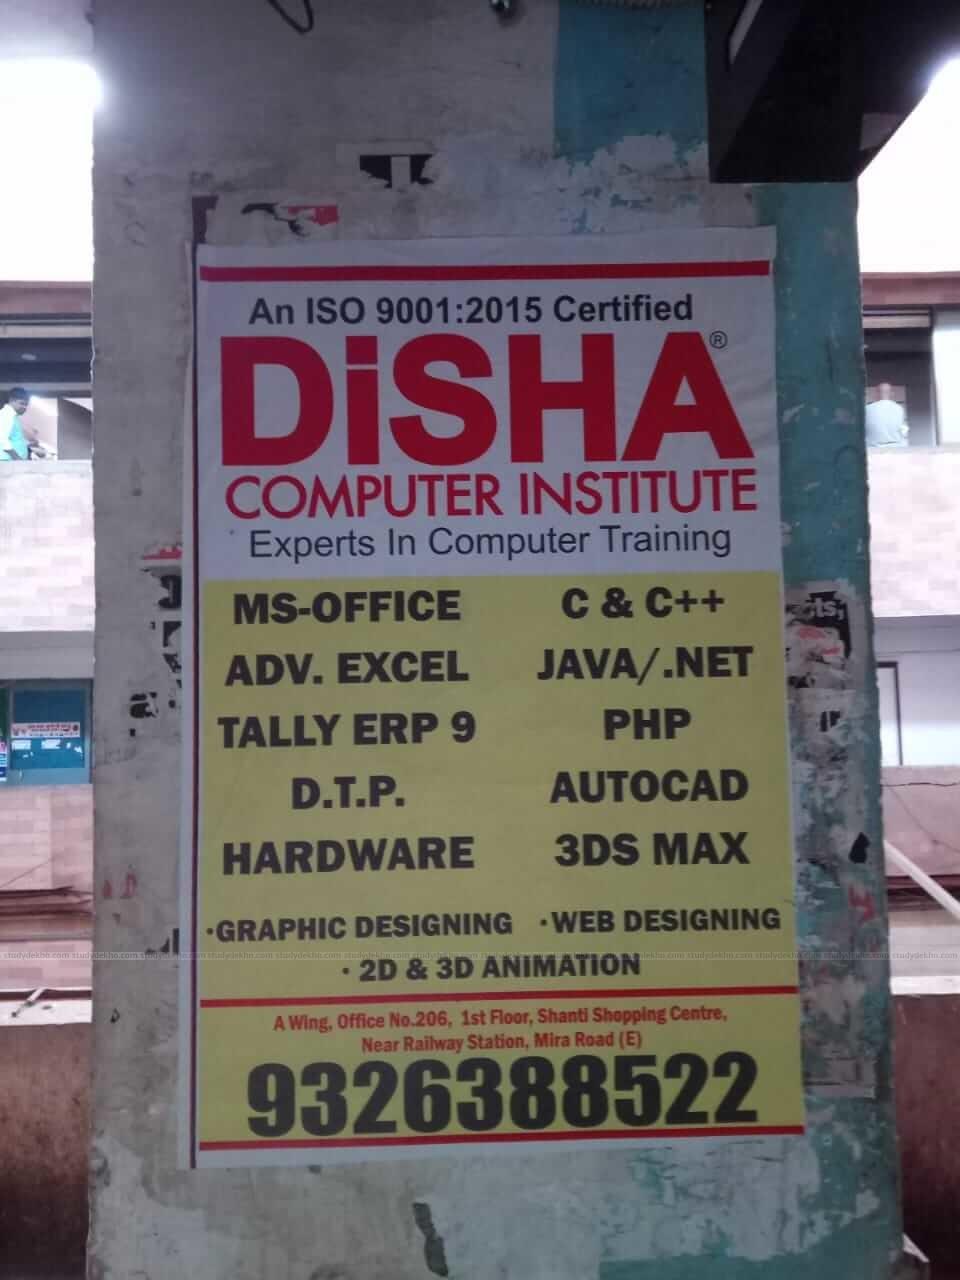 DISHA COMPUTER INSTITUTE Logo